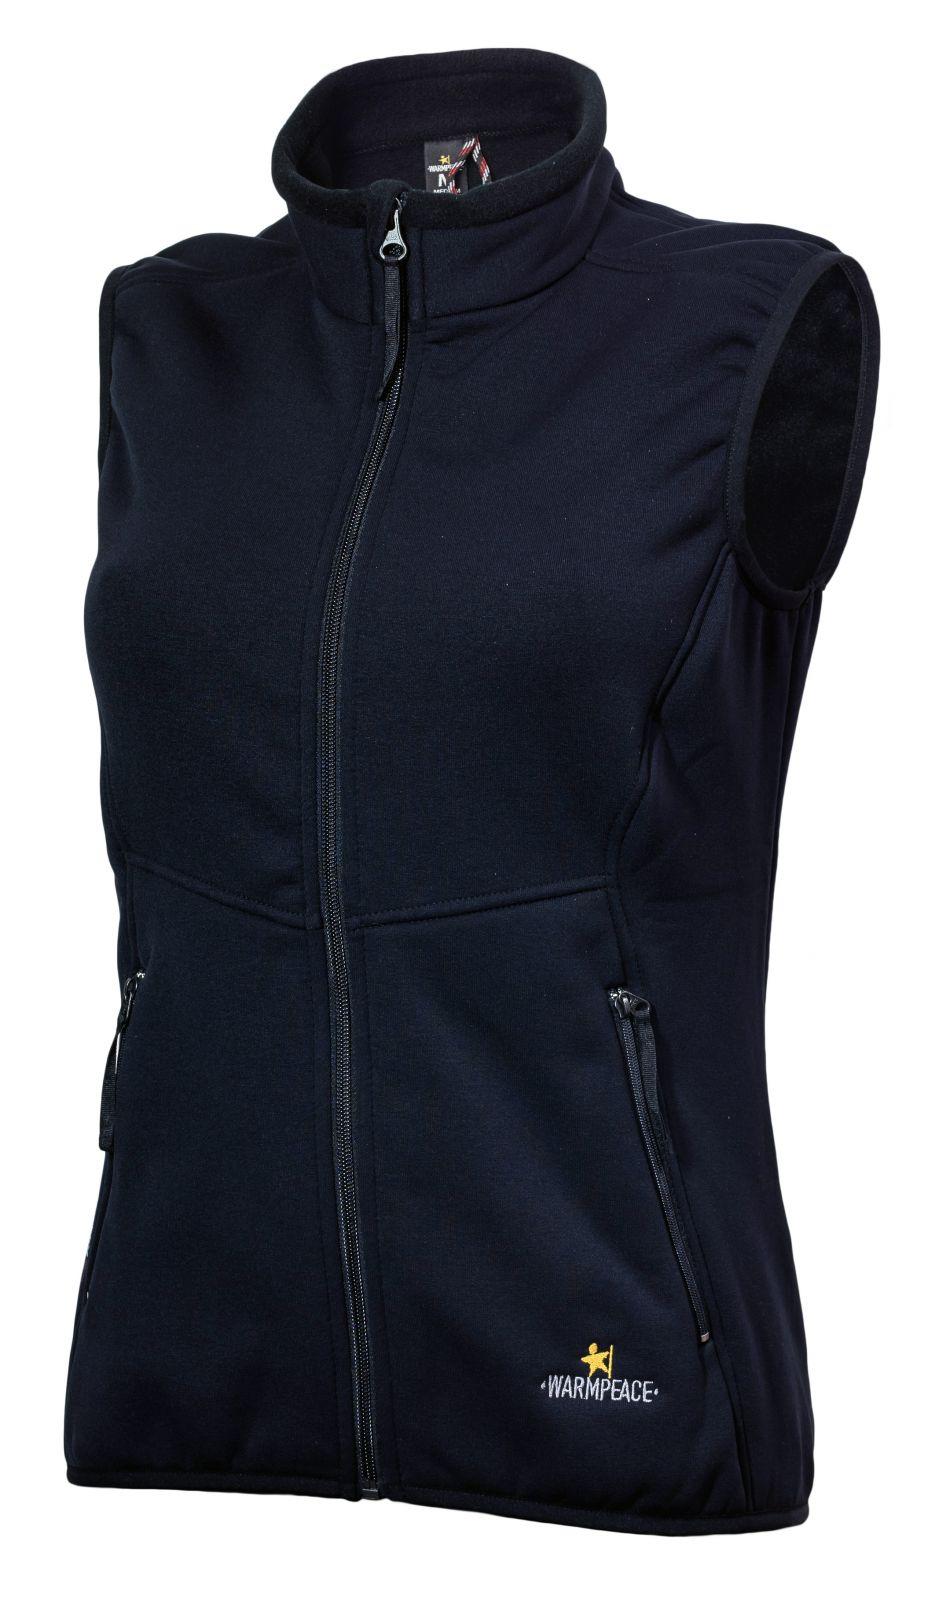 Tazz-Sport - Warmpeace Trailmark Lady Powerstretch black vesta